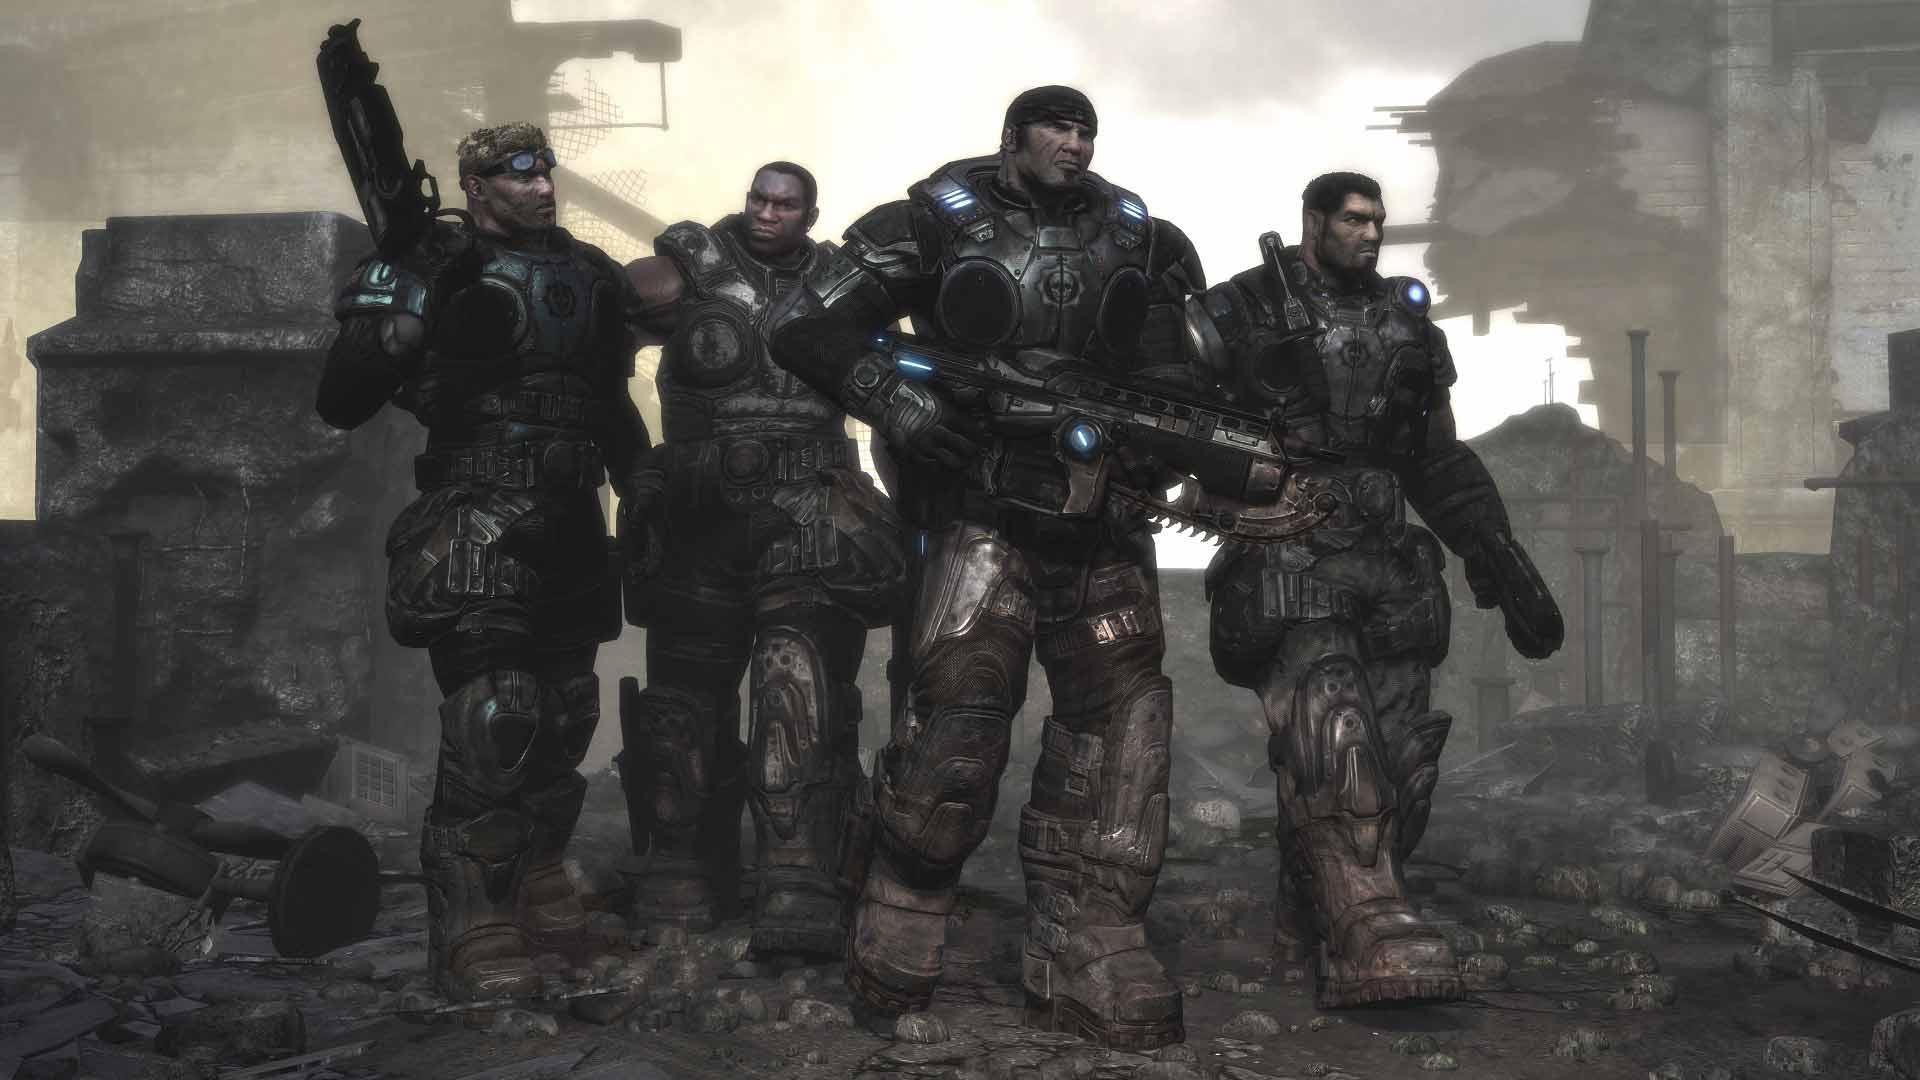 知名電玩遊戲 《戰爭機器》改編電影  劇本將由《限制級戰警3》編劇操刀首圖